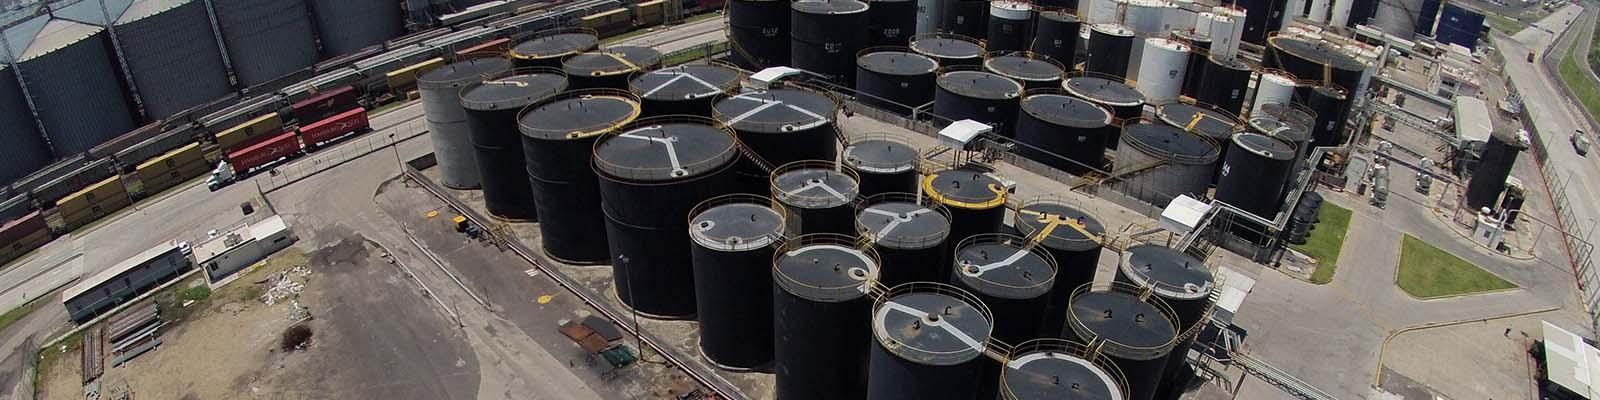 Koch importará gasolina a partir de mayo de 2019